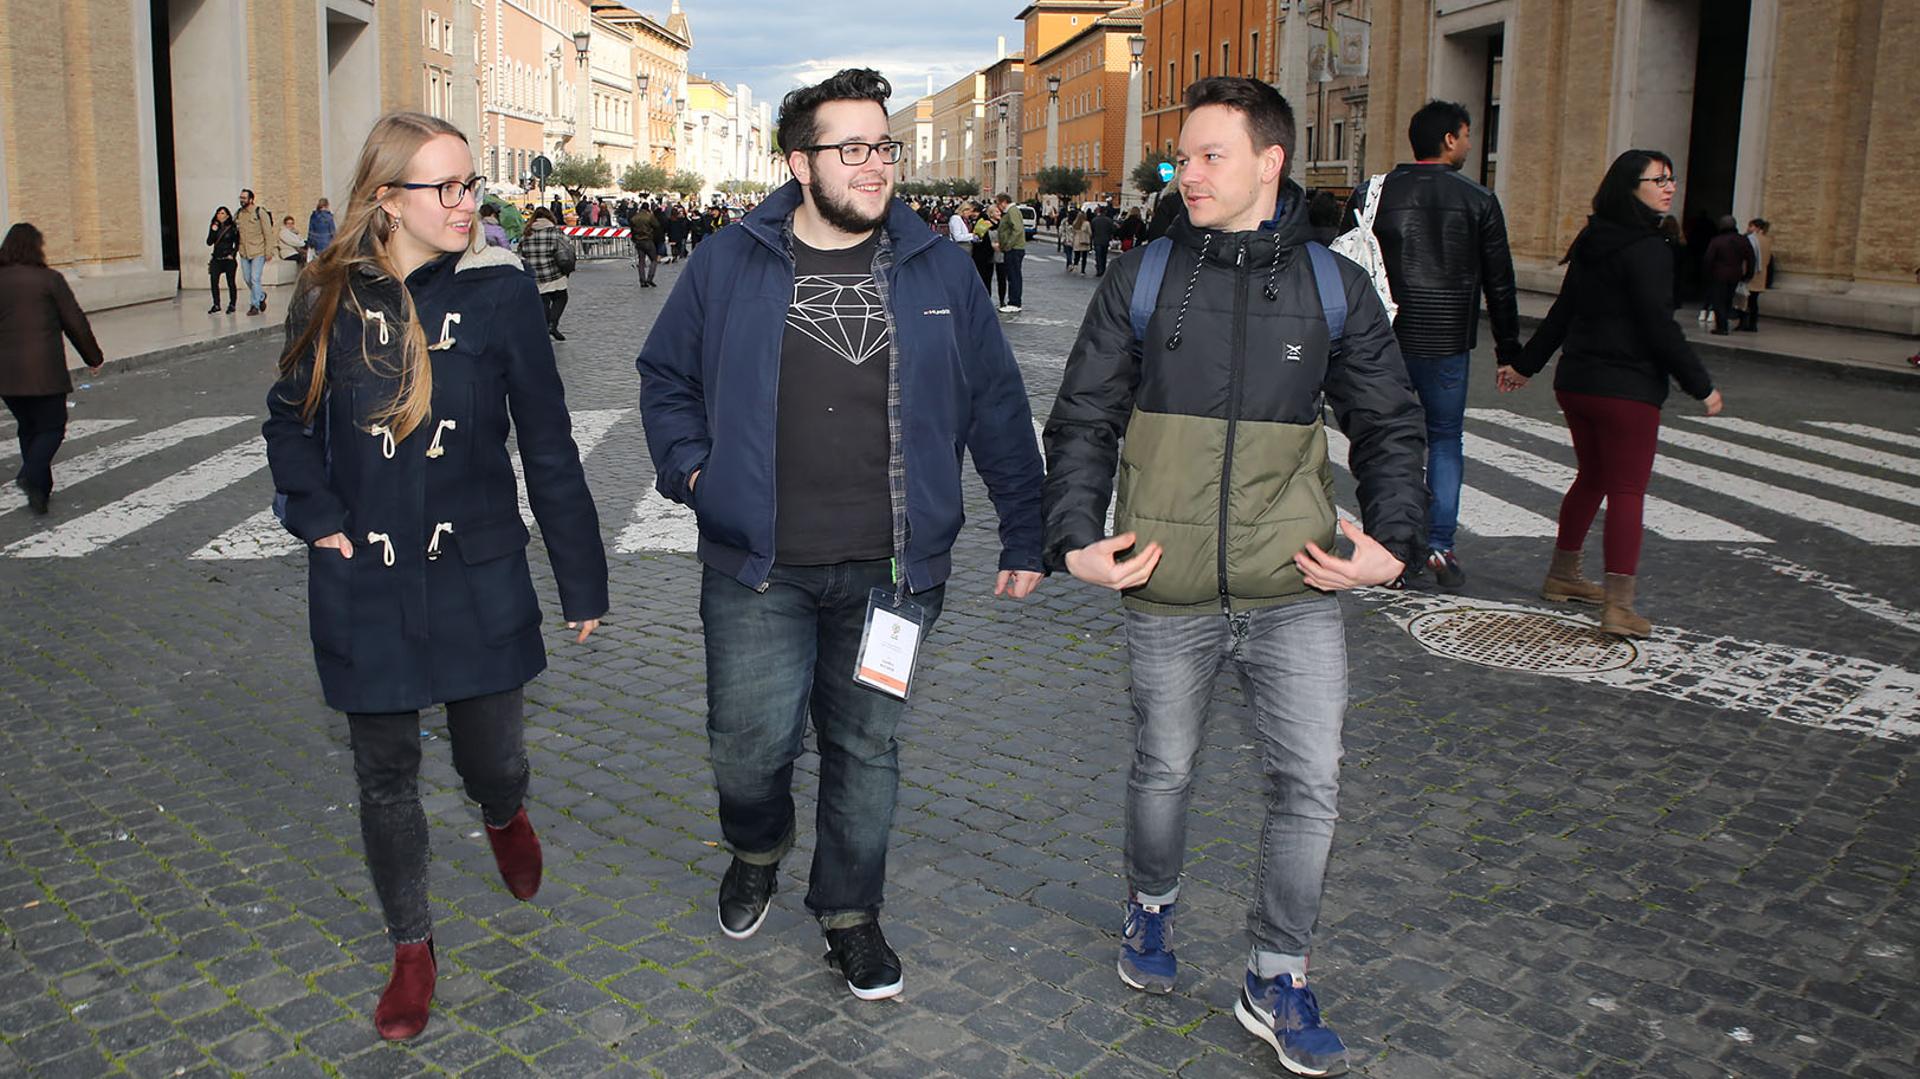 Medea Sarbach, Sandro Bucher, Jonas Feldmann an der Vorsynode in Rom | © Bernard Hallet